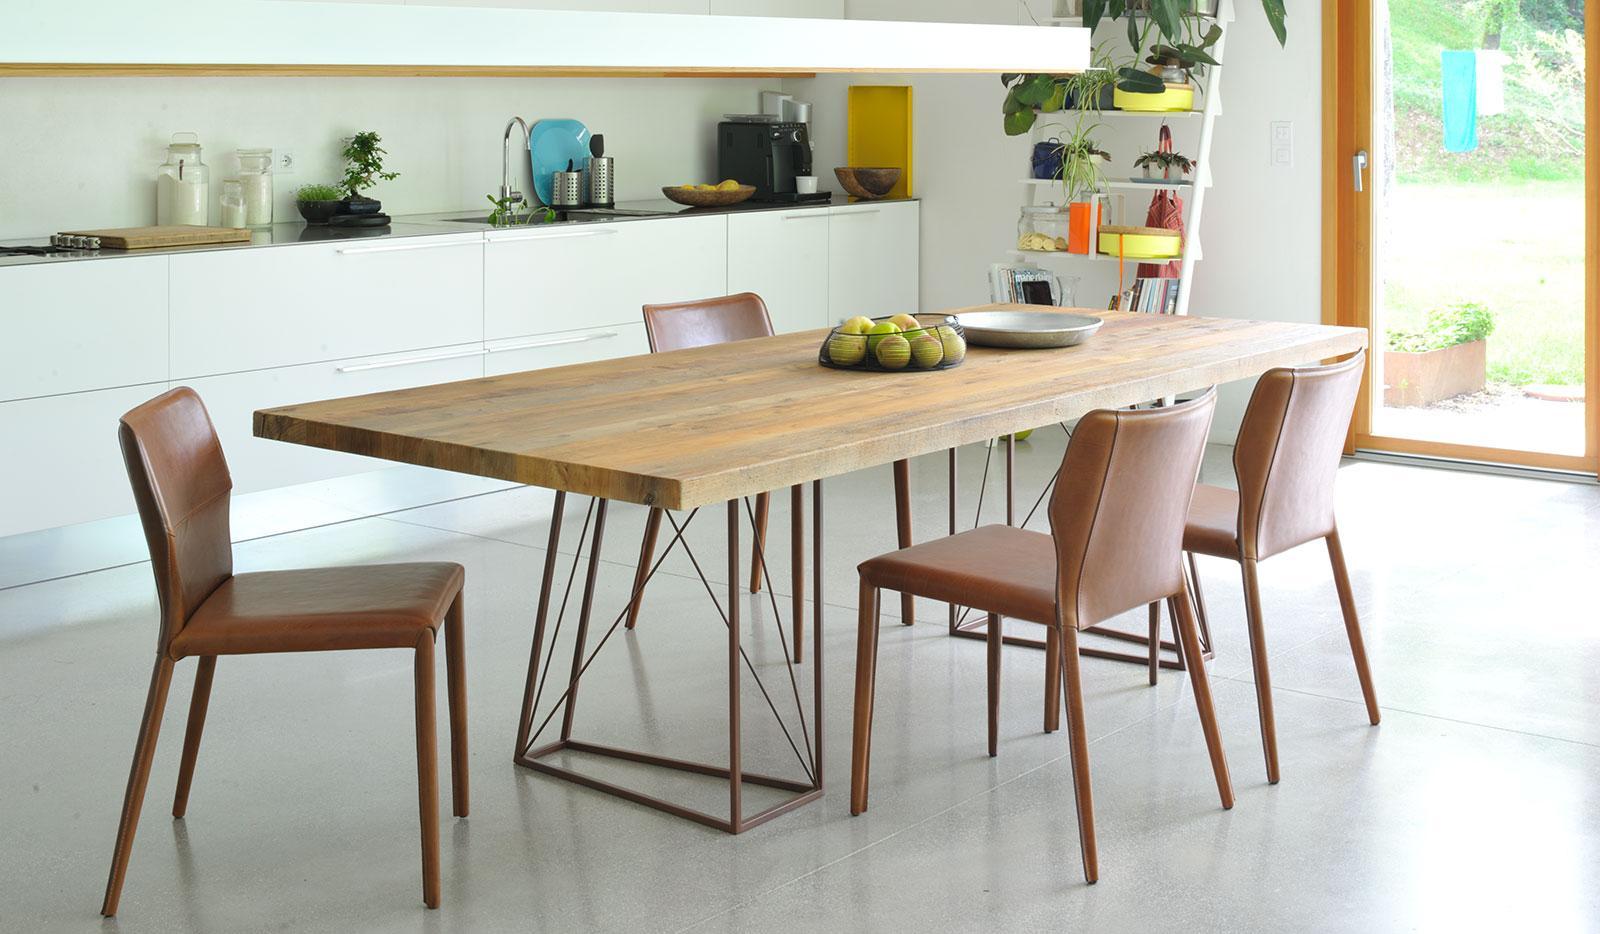 Tavoli in legno design moderno xj06 regardsdefemmes for Tavolo pranzo legno